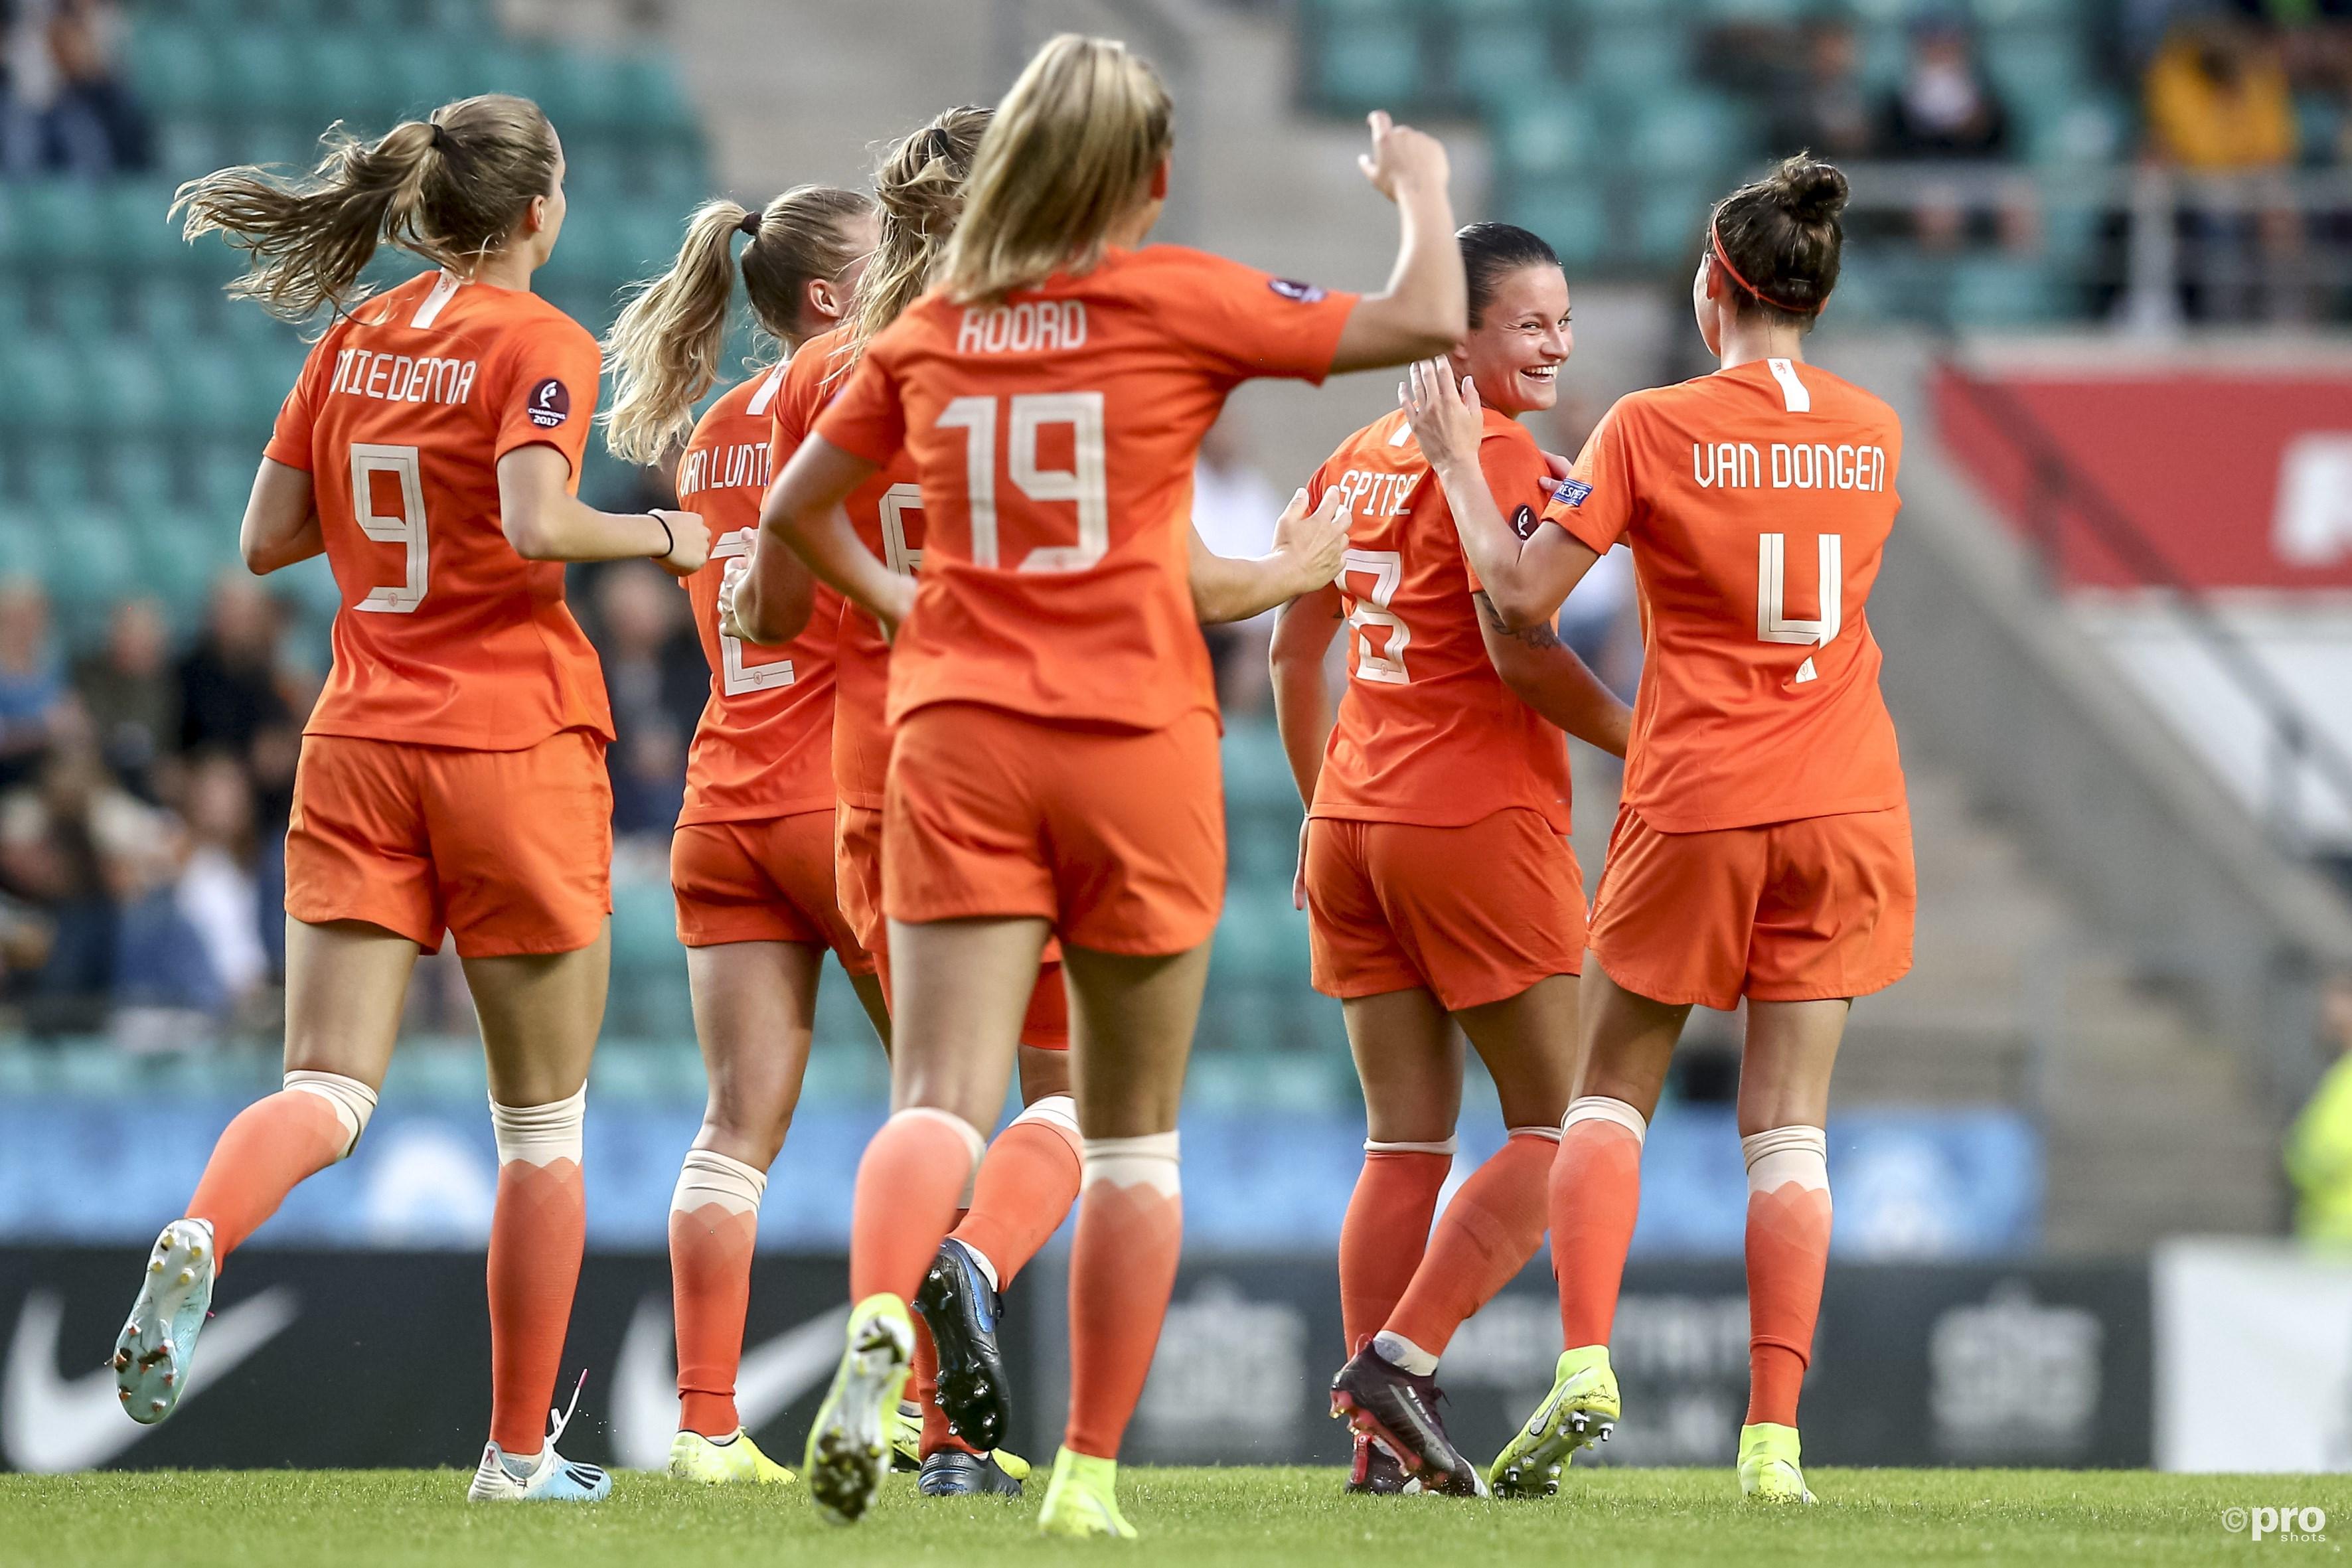 Nederlandse voetbalsters beginnen EK-kwalificatie met zevenklapper tegen Estland (Pro Shots / Remko Kool)